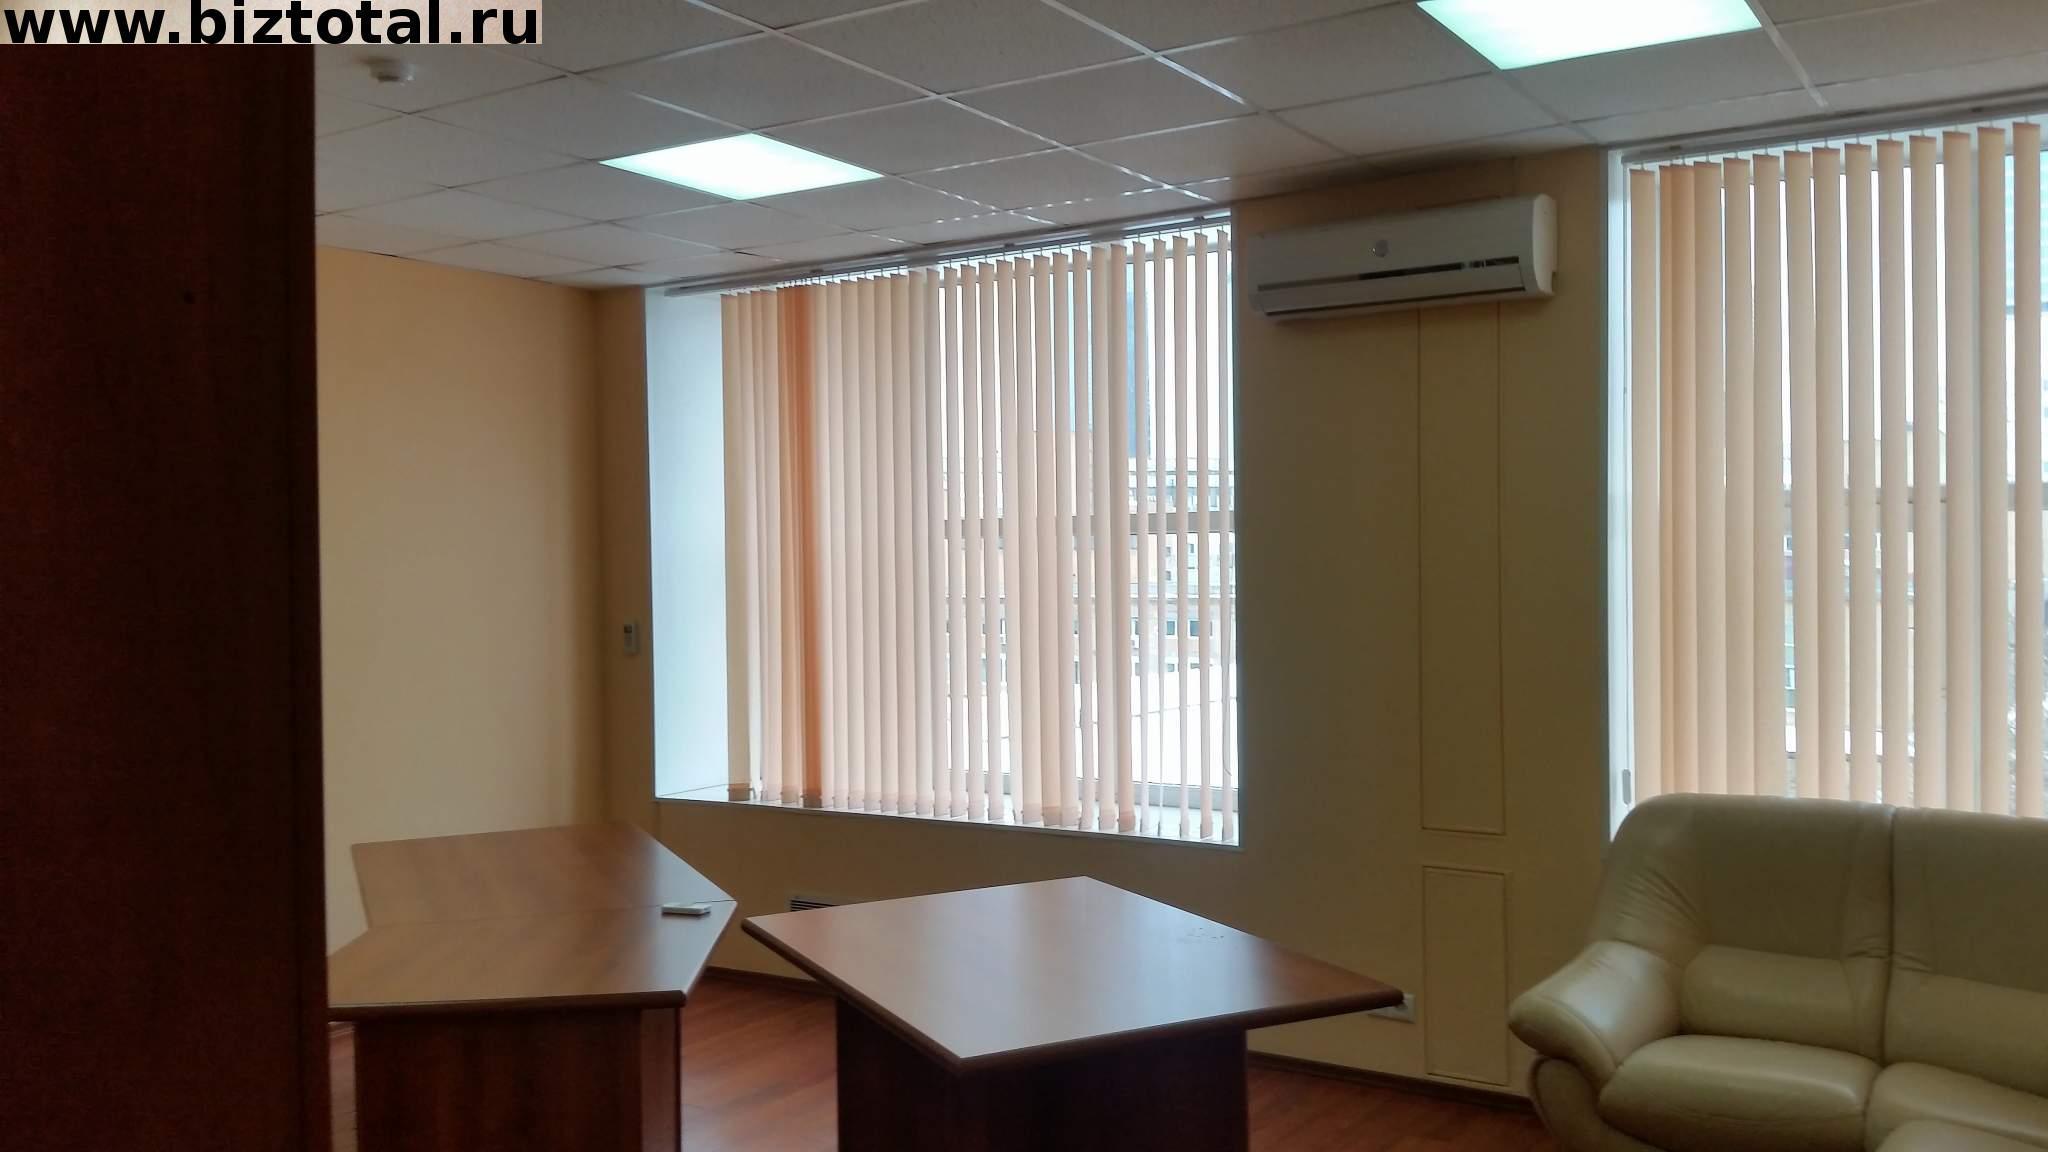 Офисное помещение на 4 этаже